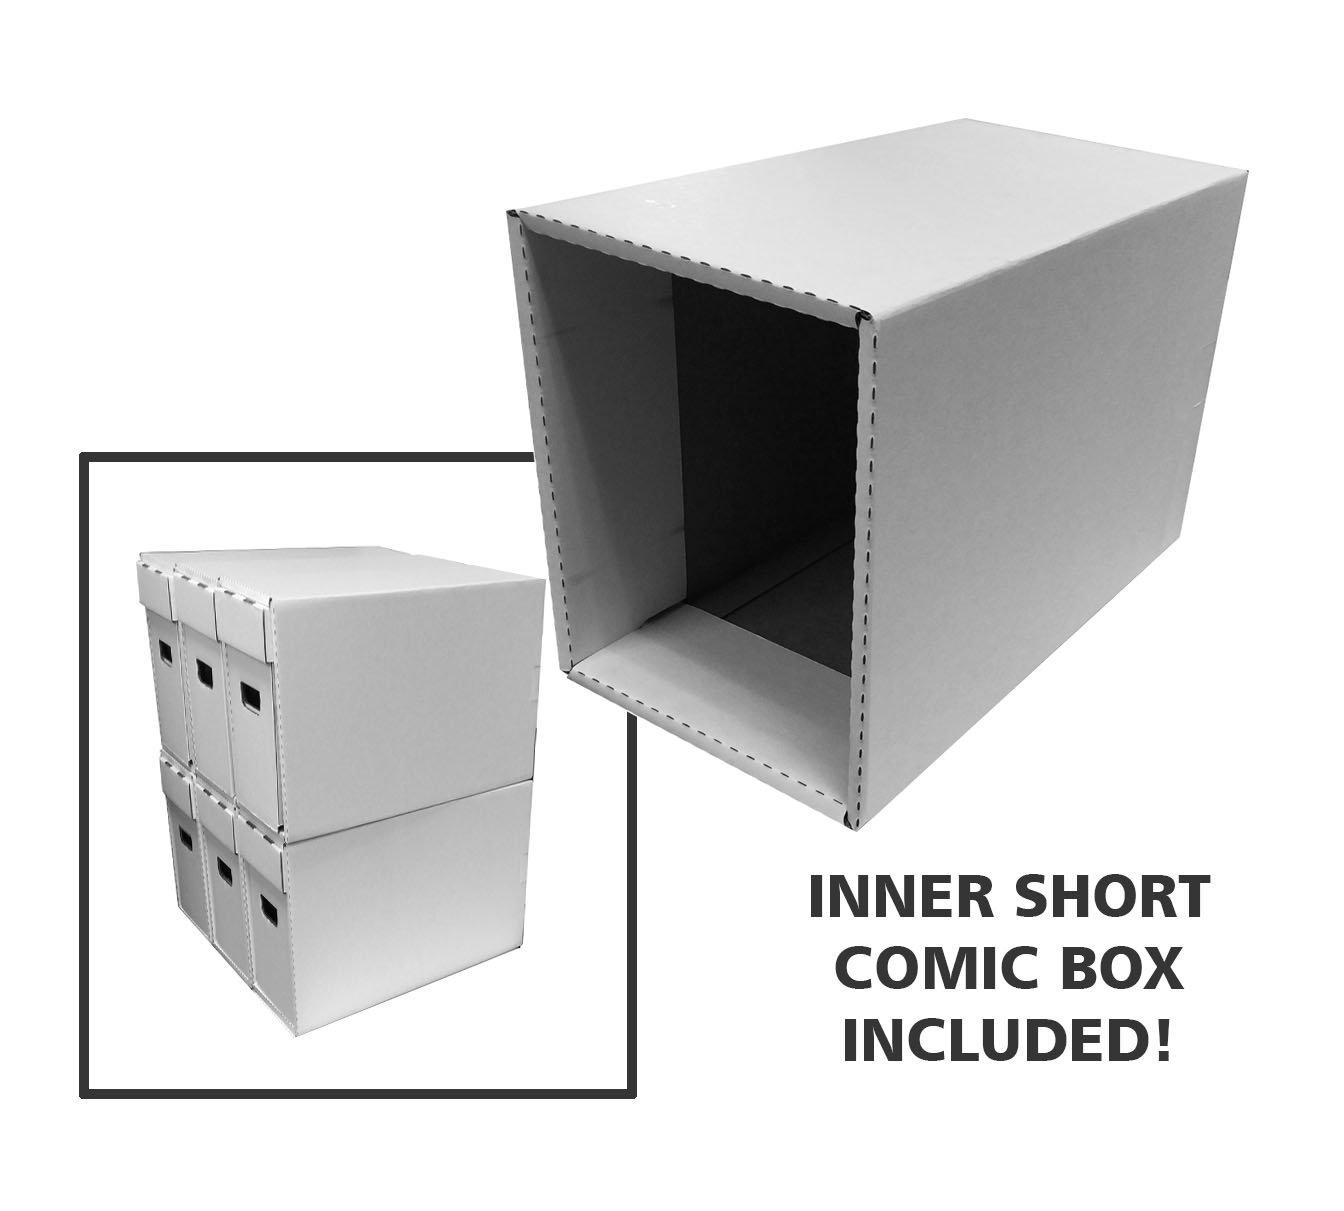 BCW 1-BX-Long-PL-WHI White Plastic Long Comic Storage Boxes